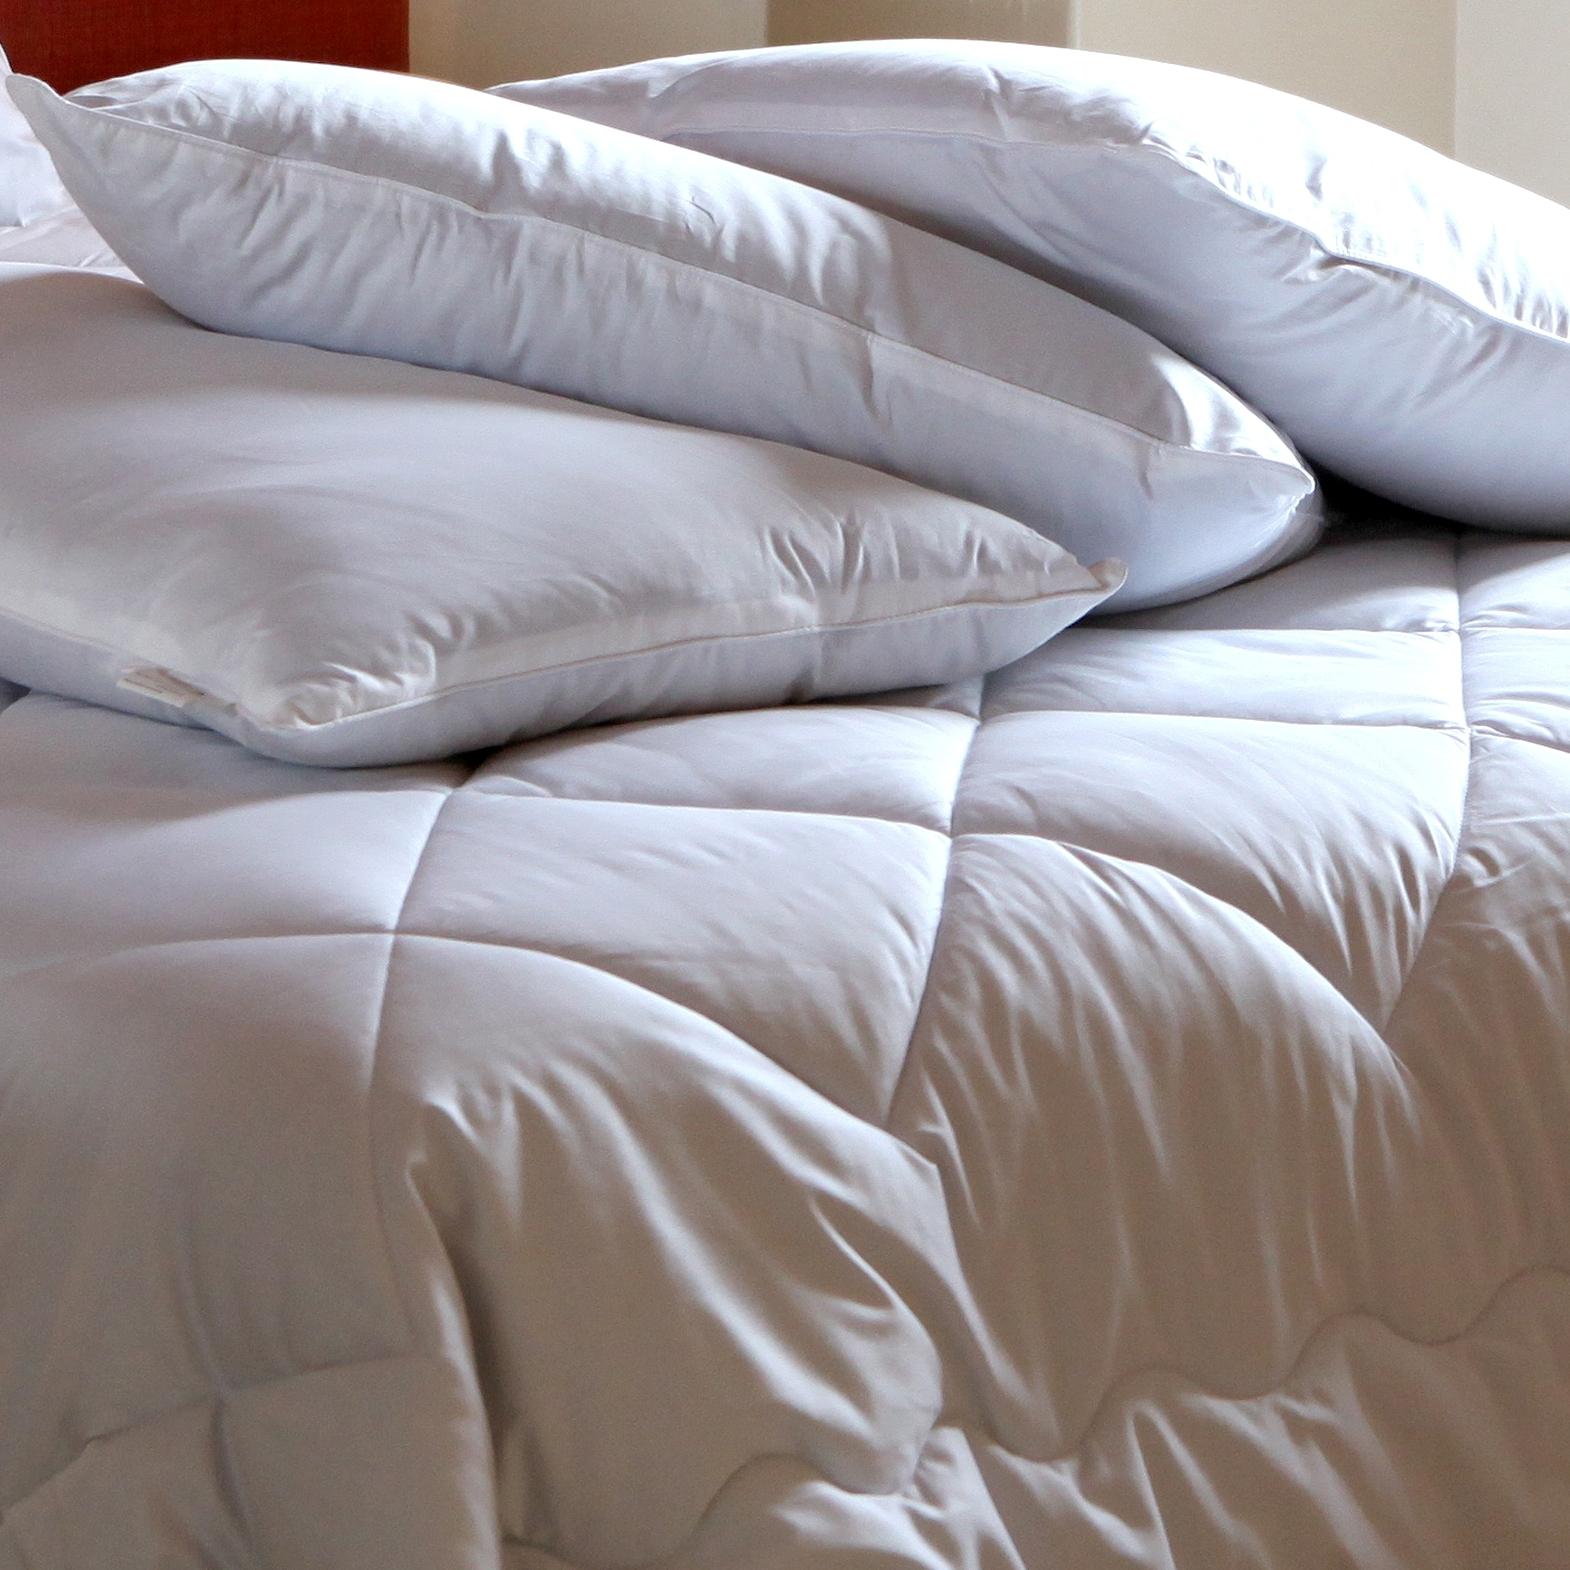 oreiller 100 carbone de bambou couette et nature couette et nature. Black Bedroom Furniture Sets. Home Design Ideas